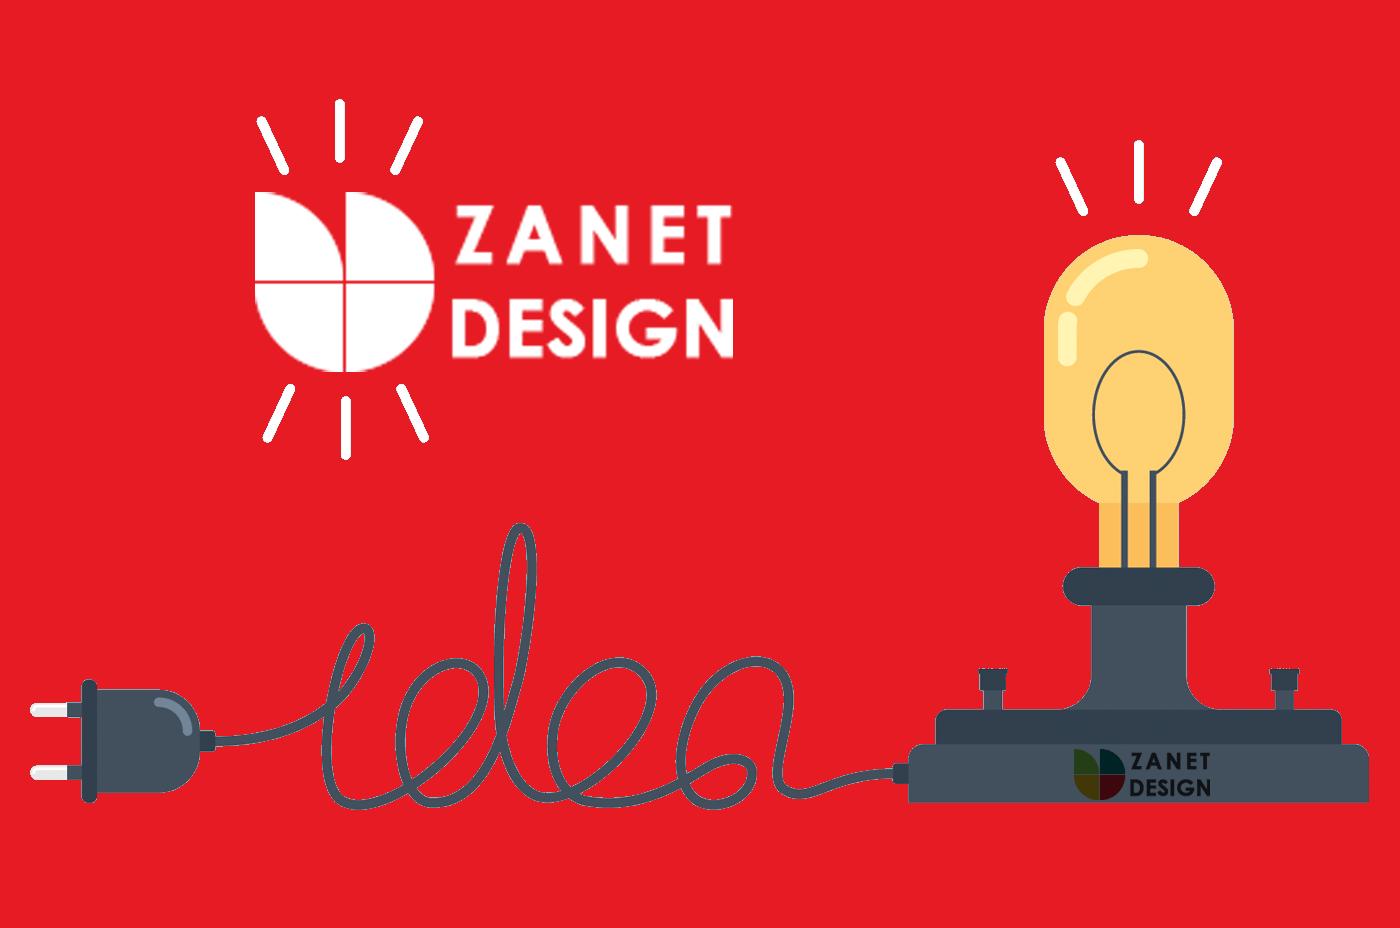 The Design Brief